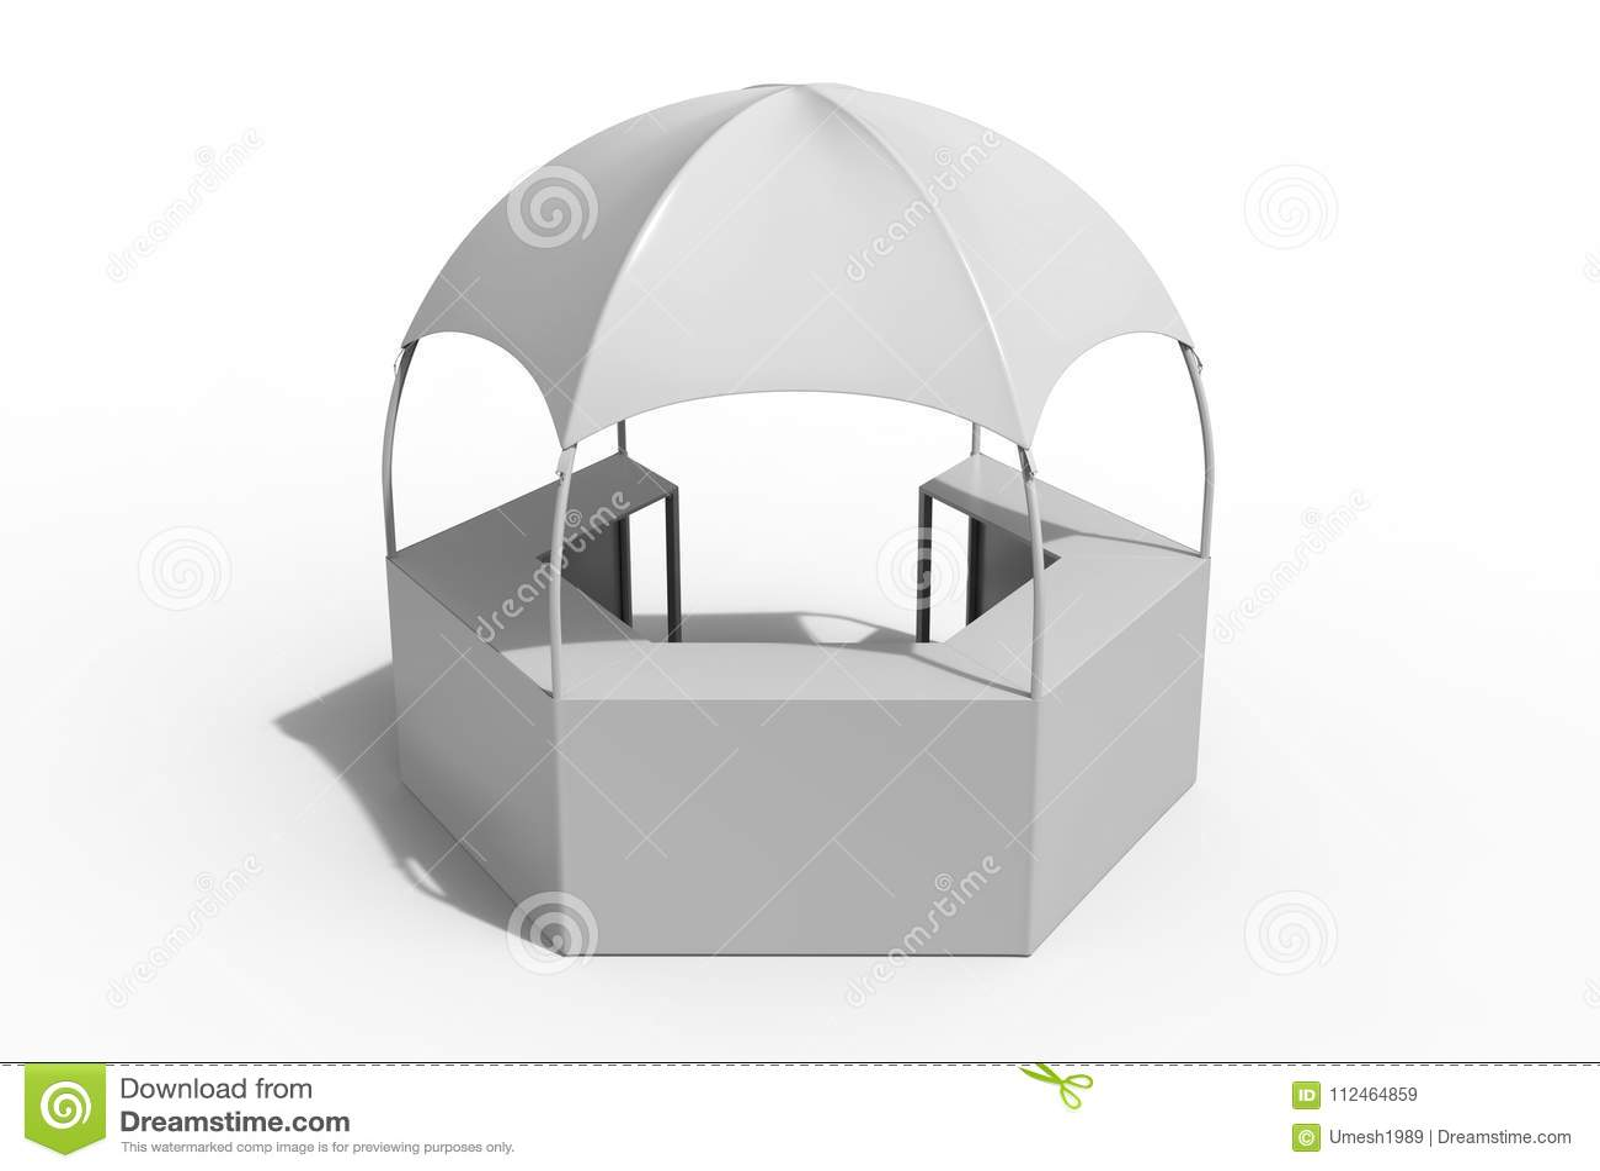 La tente hexagonale d auvent de pavillon de salon commercial d affichage de kiosque fonctionnel multi extérieur de dôme avec les